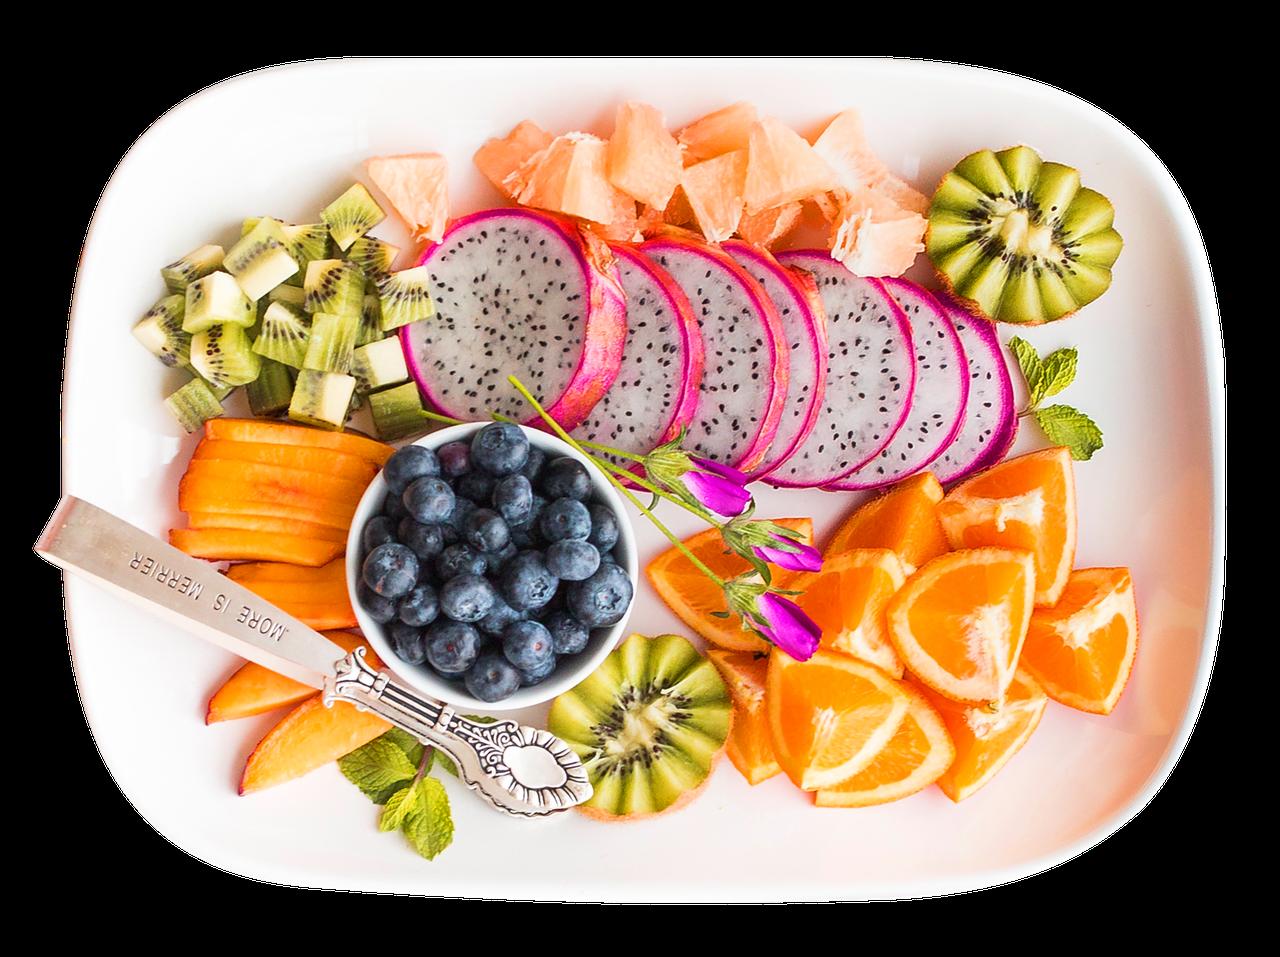 Düşük Kalori Ve Sık Öğün Sayesinde Hızla Kilo Verme Fırsatı